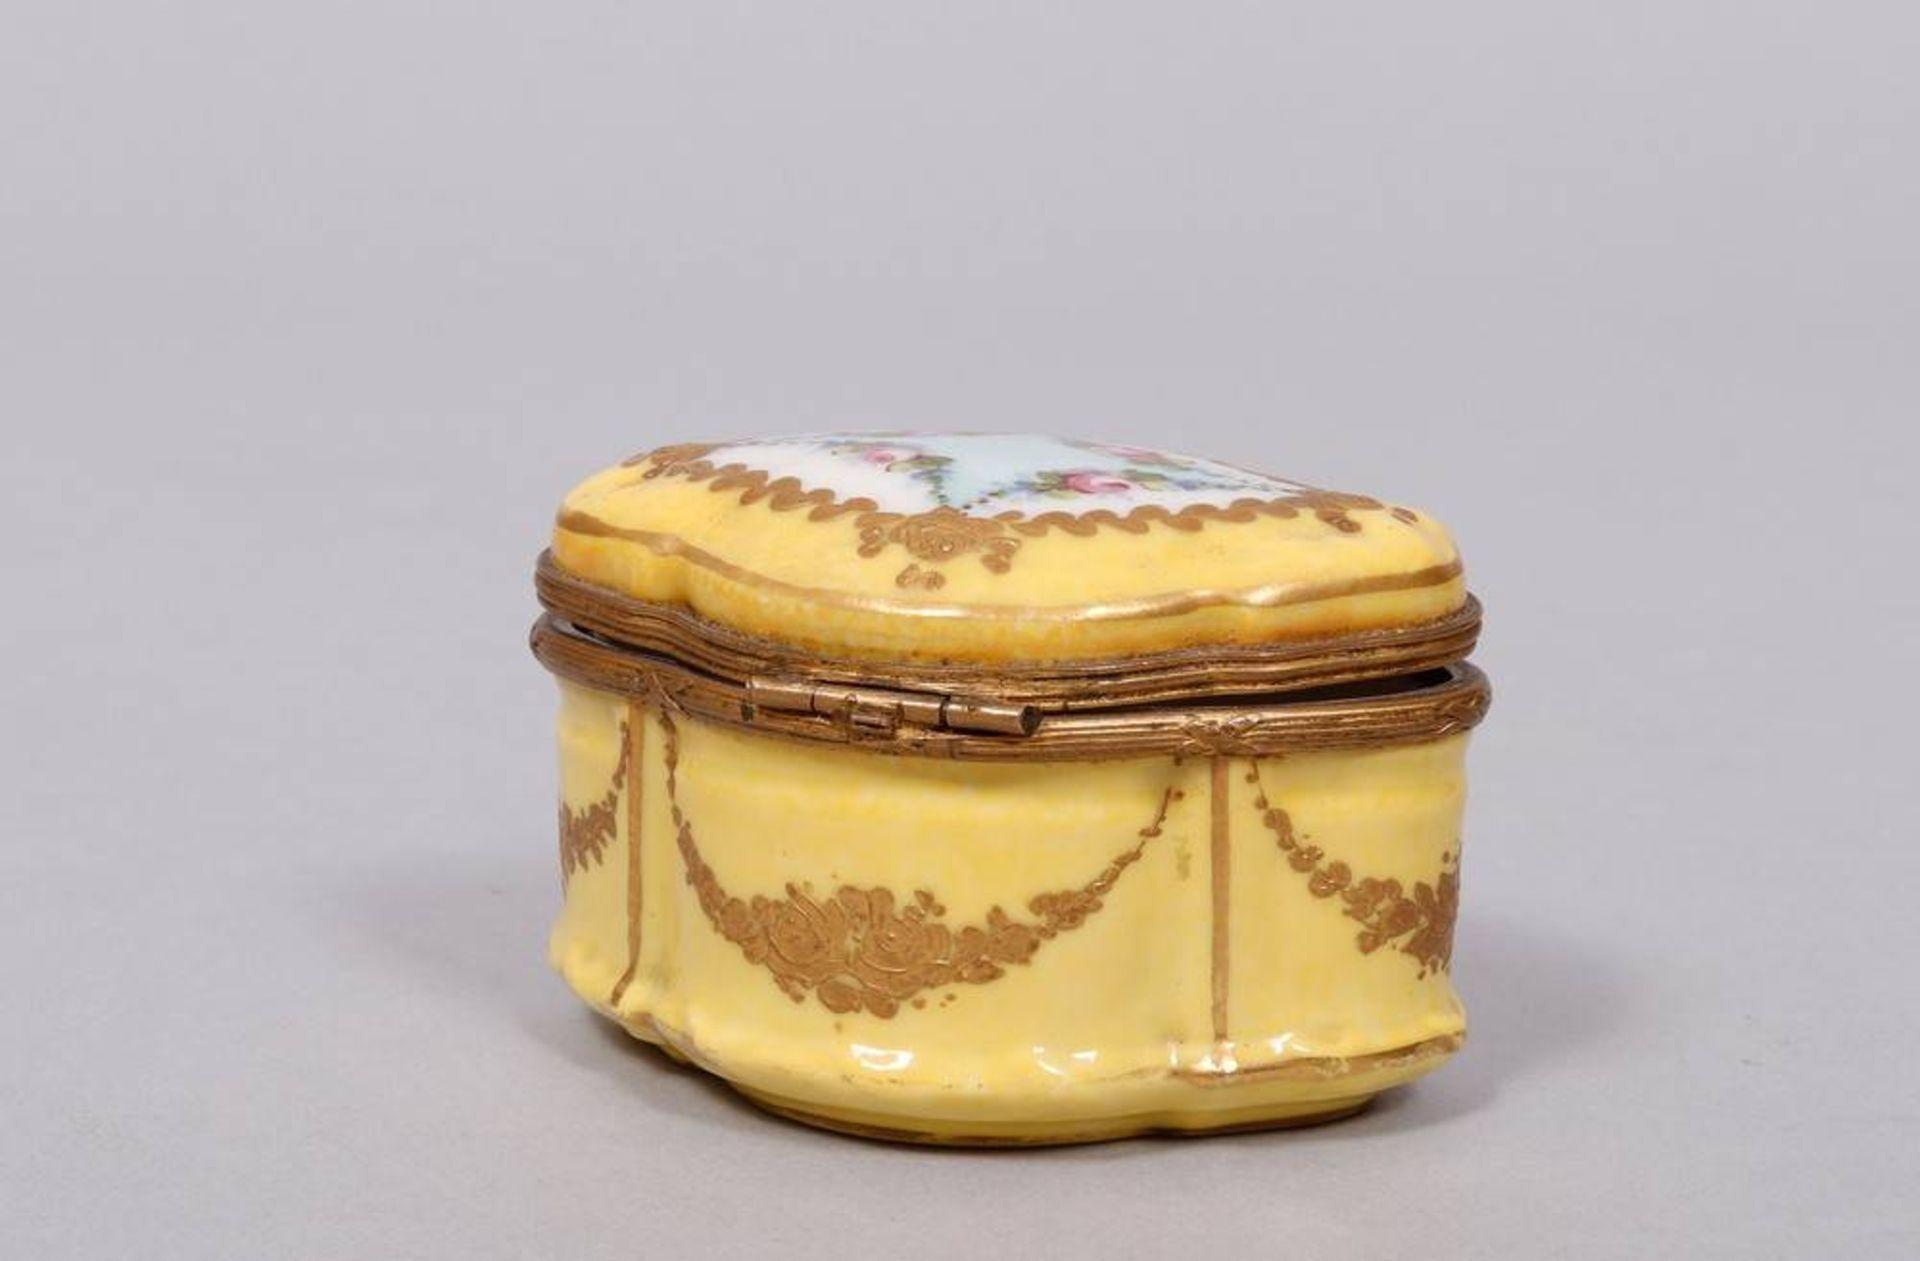 Kleine Dose, wohl Samson, Frankreich, 19.Jh., Porzellan, polychrom und gold bem - Bild 2 aus 5